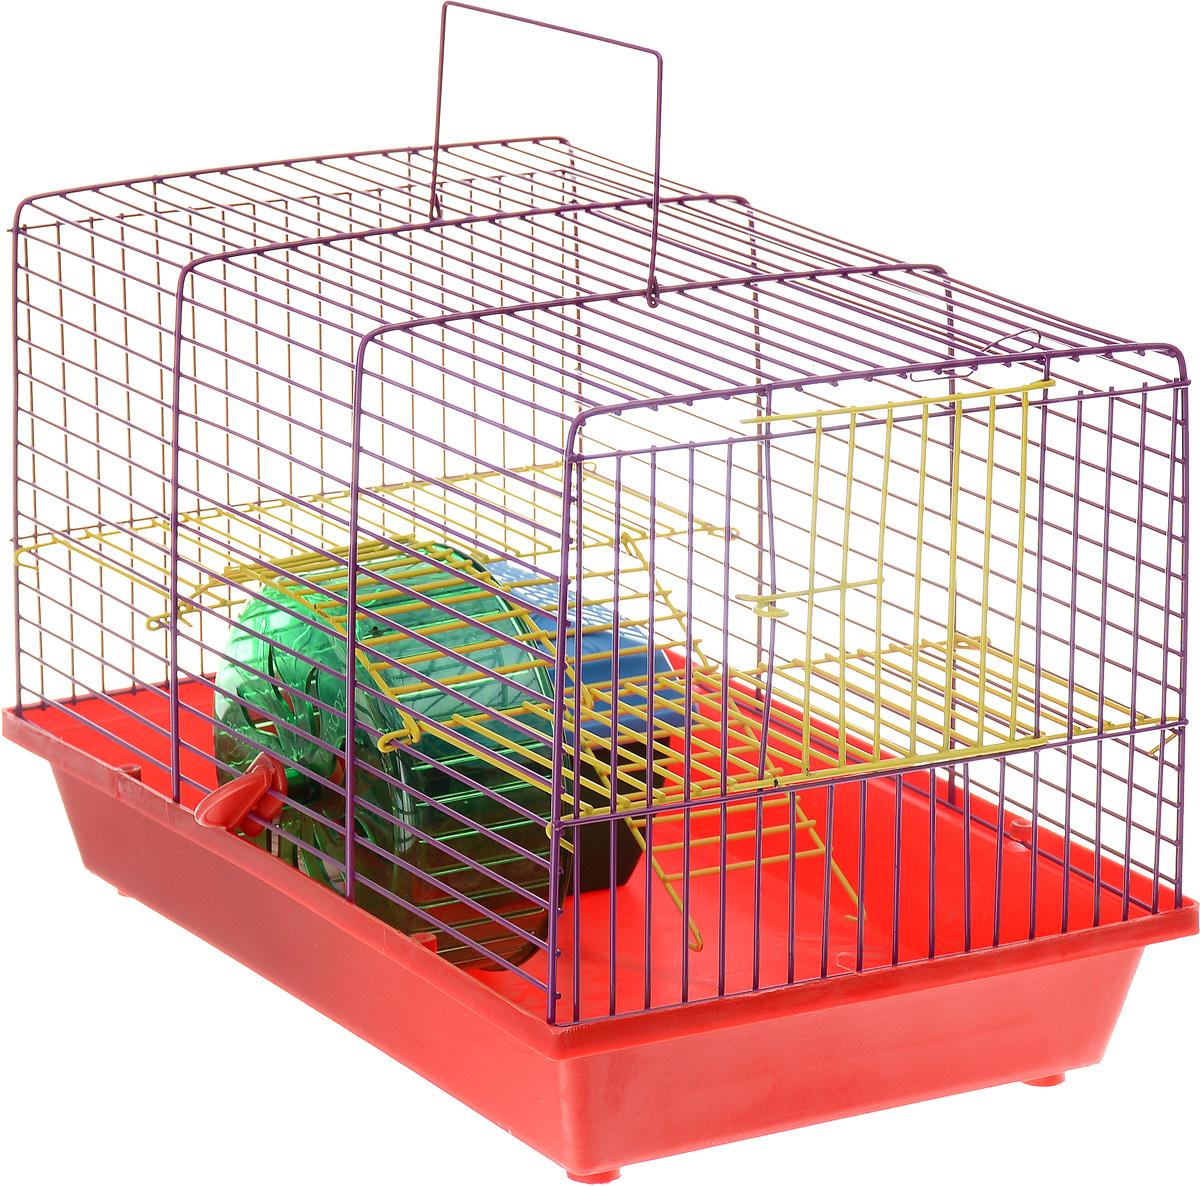 Клетка для грызунов Зоомарк Венеция, 2-этажная, цвет: красный поддон, фиолетовая решетка, желтый этаж, 36 х 23 х 24 см0120710Клетка Венеция, выполненная из полипропилена и металла, подходит для мелких грызунов. Изделие двухэтажное, оборудовано колесом для подвижных игр и пластиковым домиком. Клетка имеет яркий поддон, удобна в использовании и легко чистится. Сверху имеется ручка для переноски. Такая клетка станет уединенным личным пространством и уютным домиком для маленького грызуна.